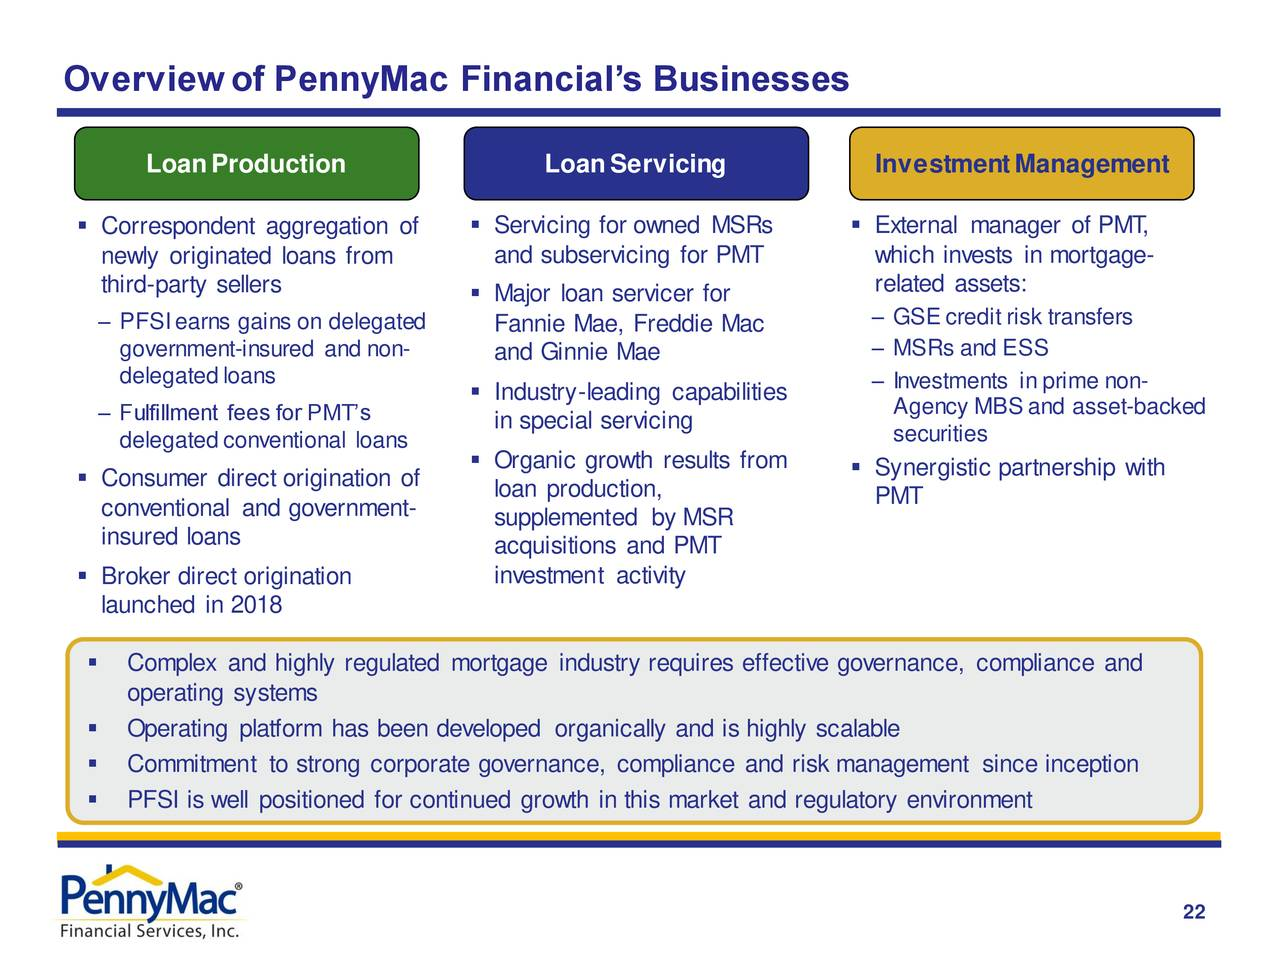 Descripción general de los negocios de PennyMac Financial